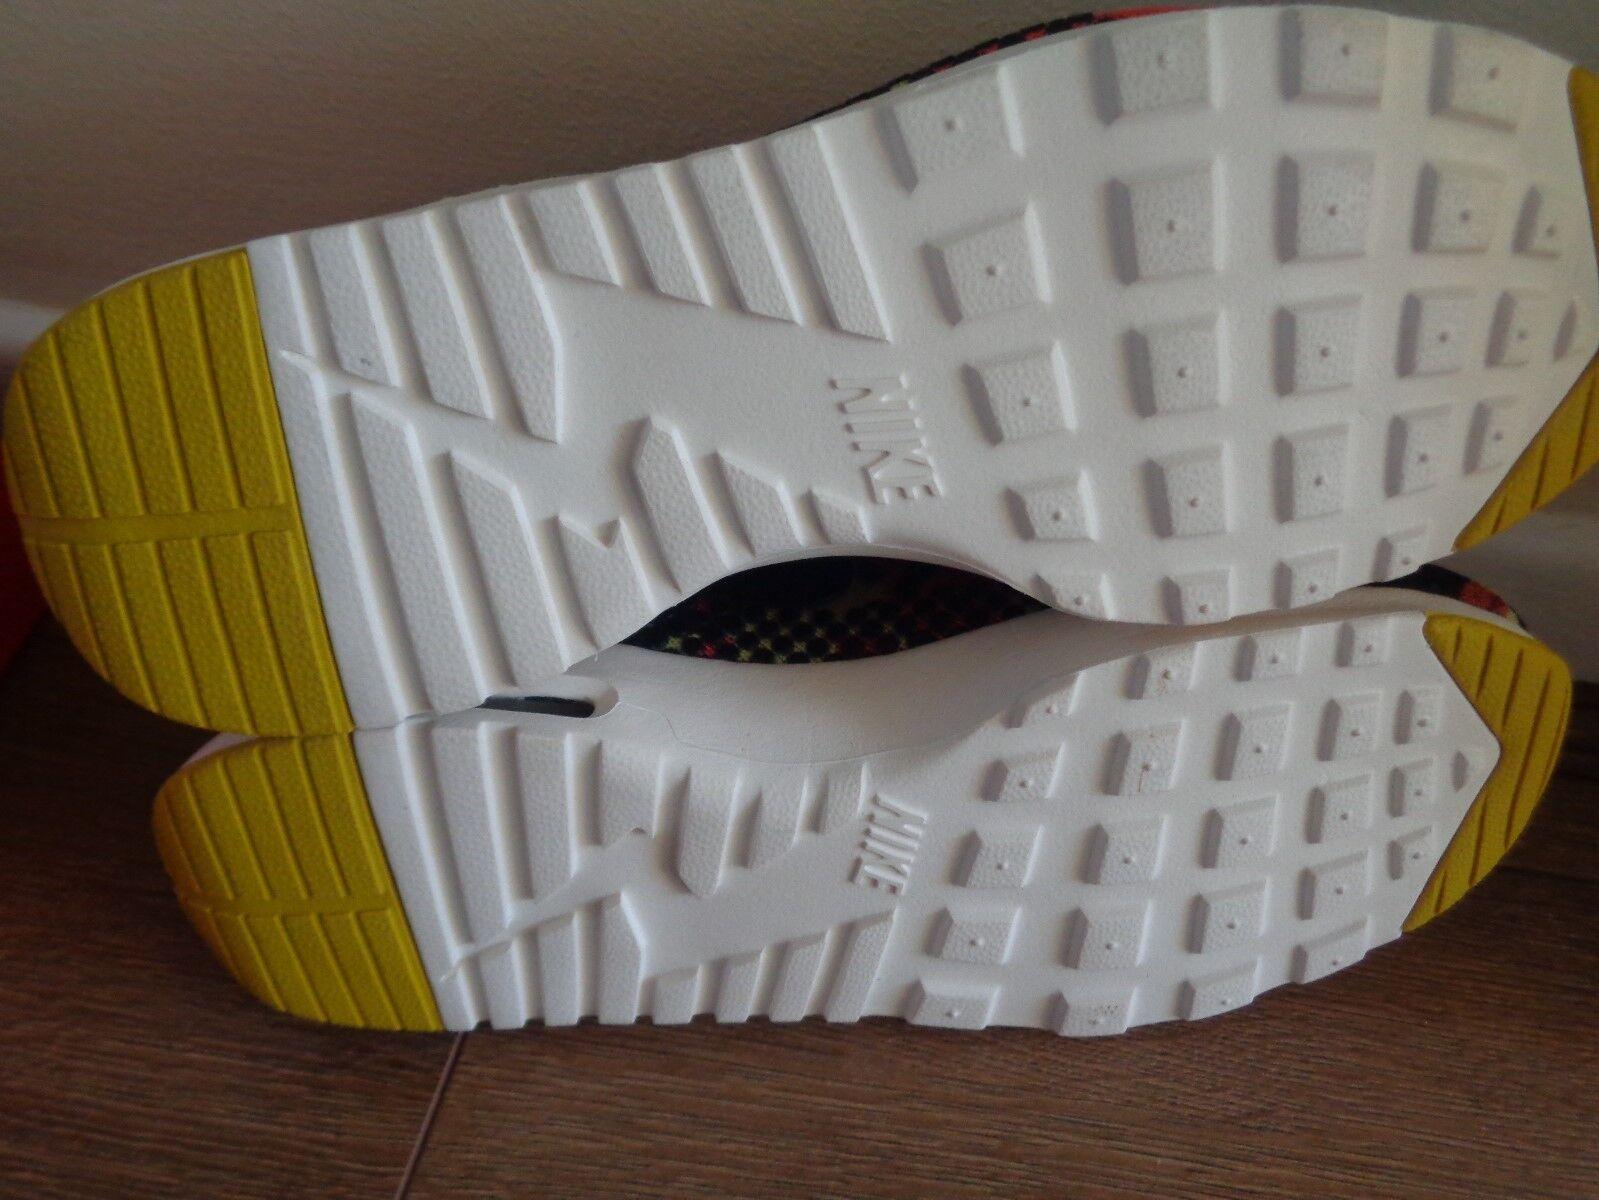 Nike Bir Max Thea JCRD PRM womens trainers 807385 700 uk 5.5 eu 39 us 8 NEW